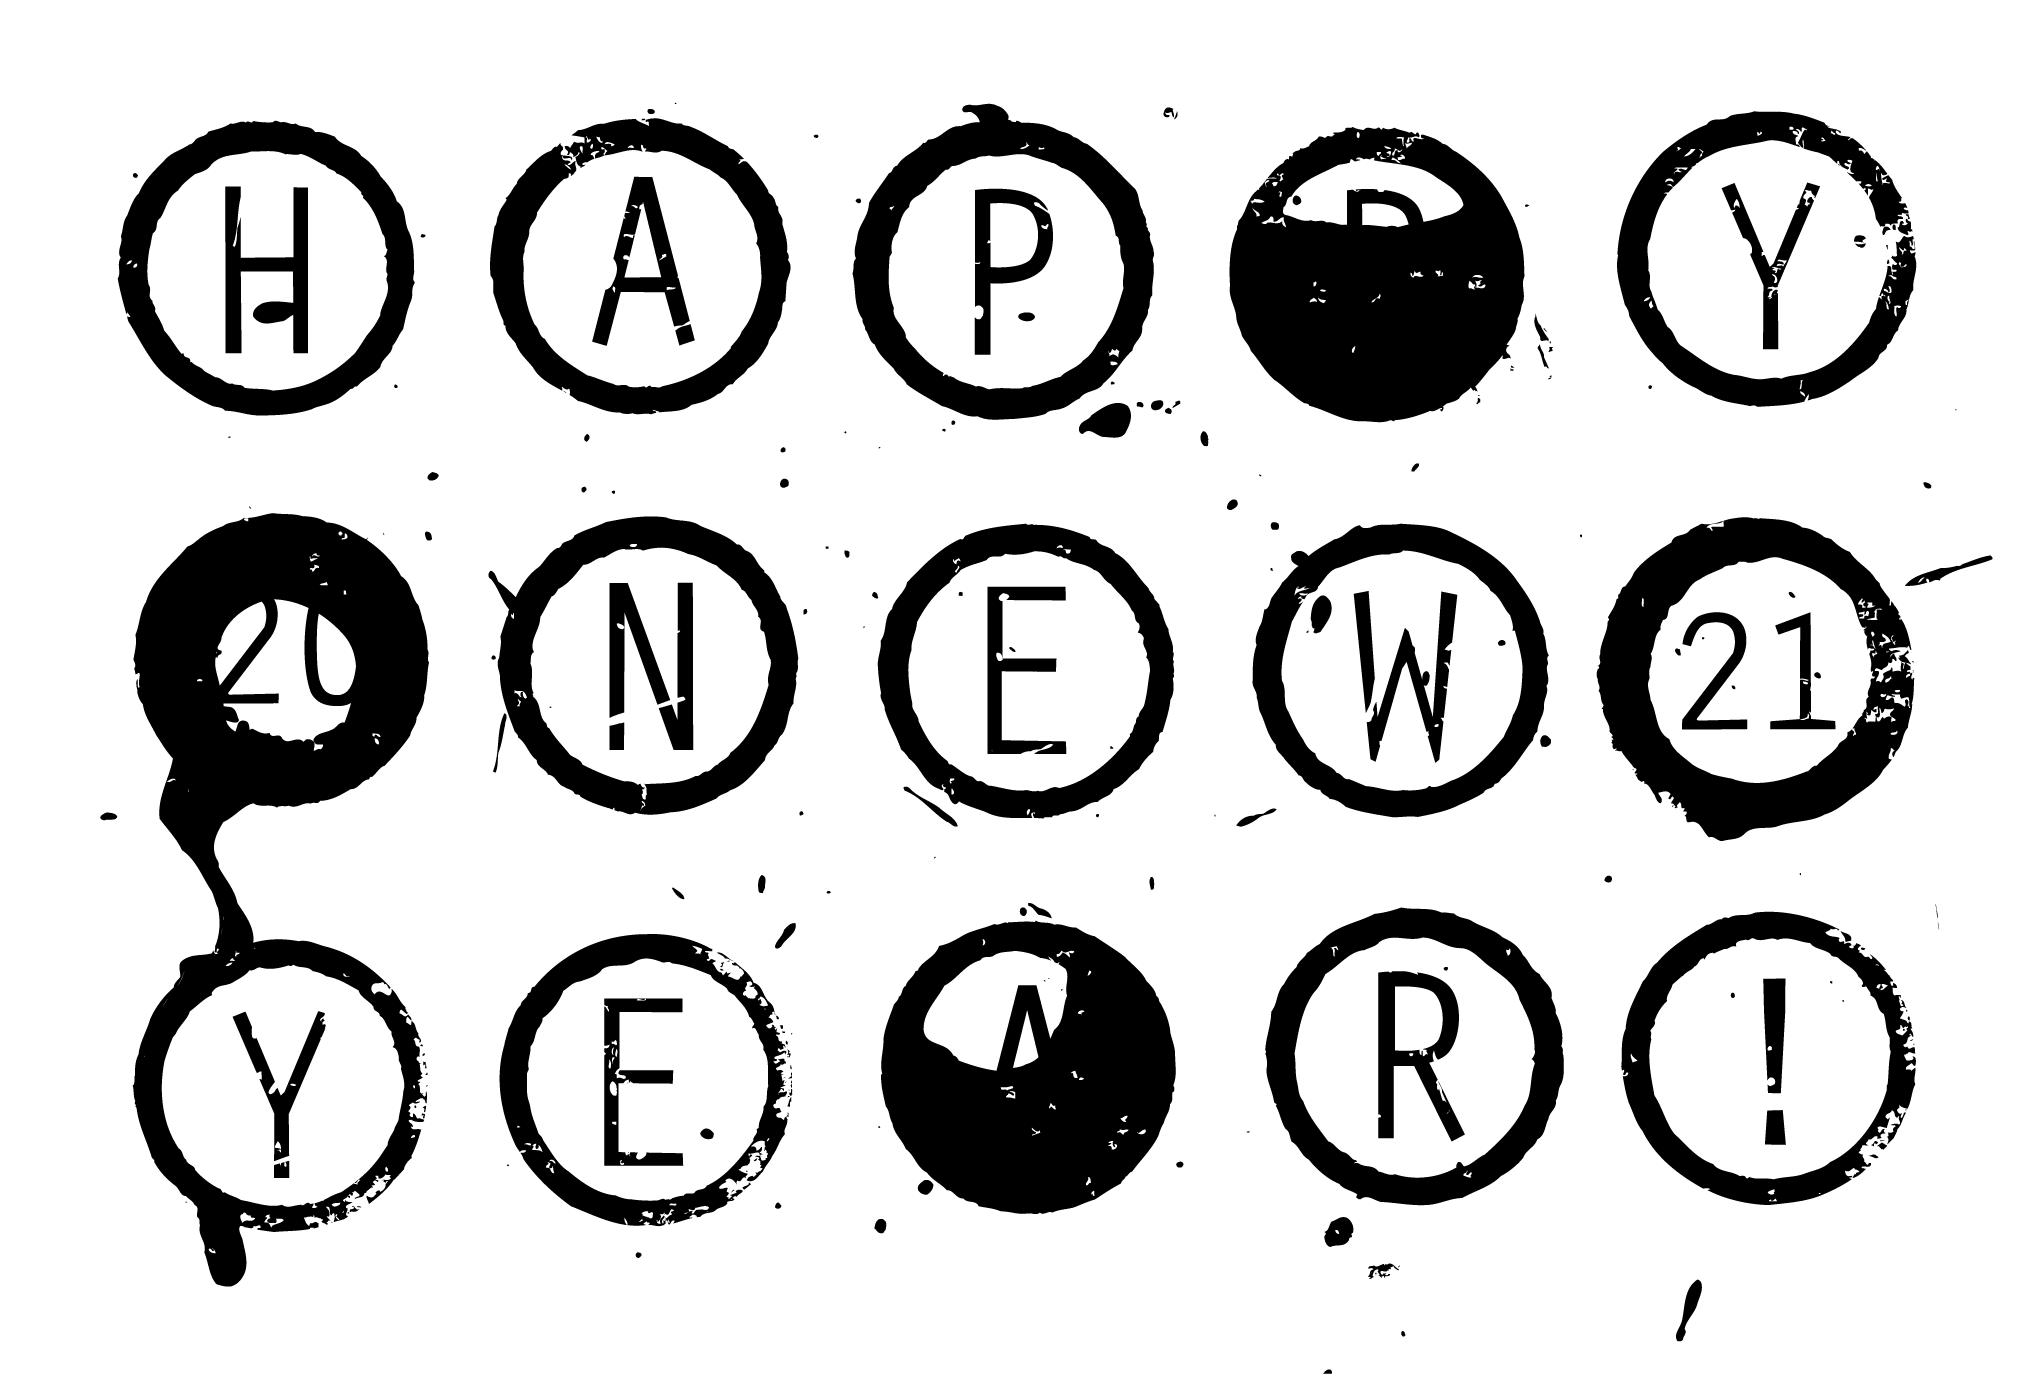 2021年賀状04-1:Circle 2021 / 黒のダウンロード画像